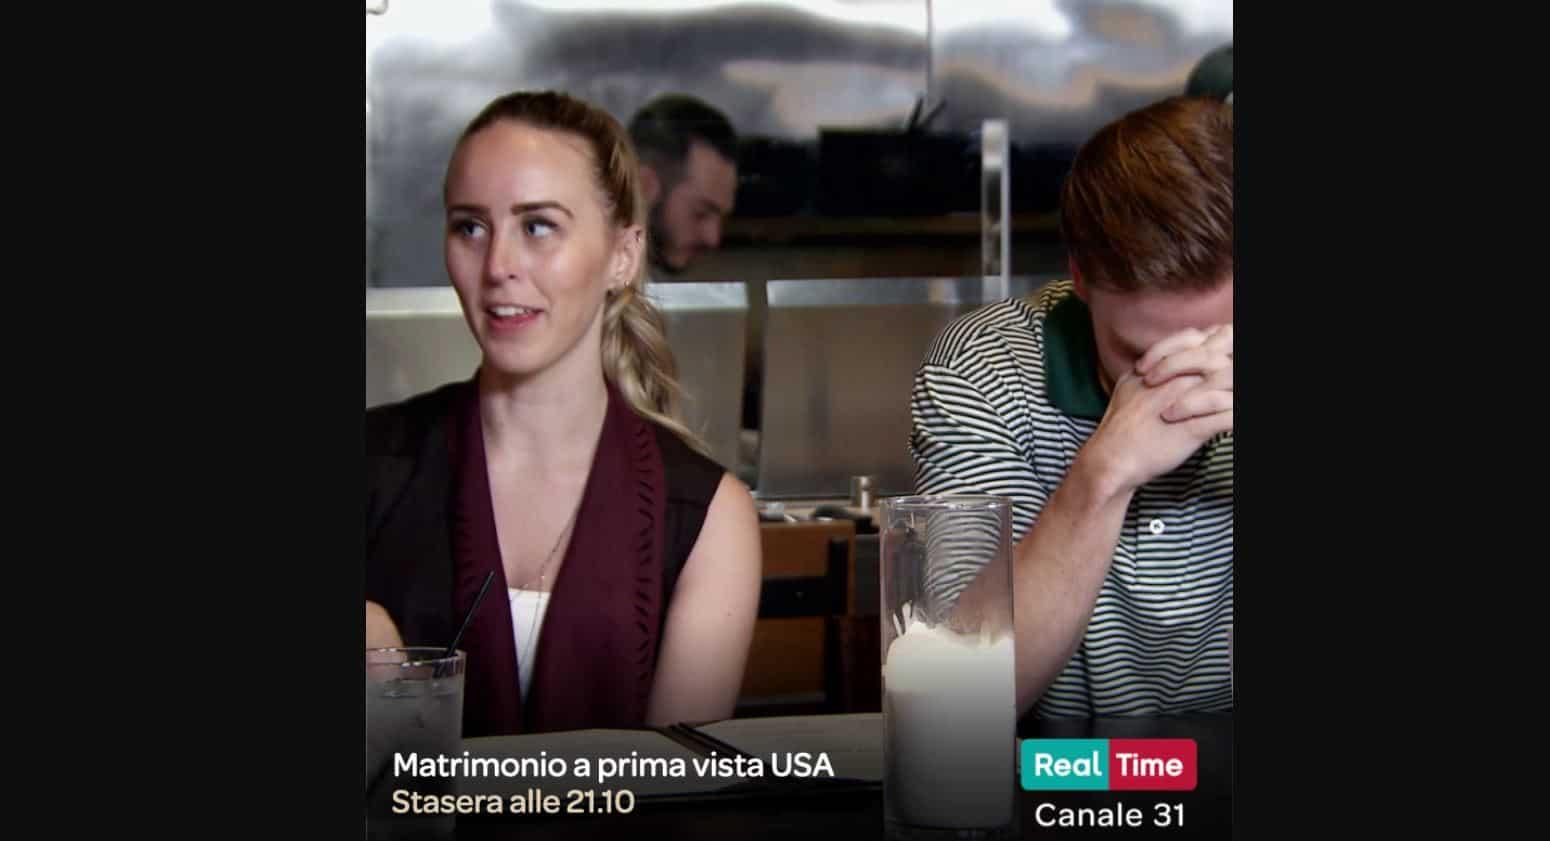 Doppio regalo per Danielle e Bobby dopo Matrimonio a prima vista Usa: presto la rivelazione sui social